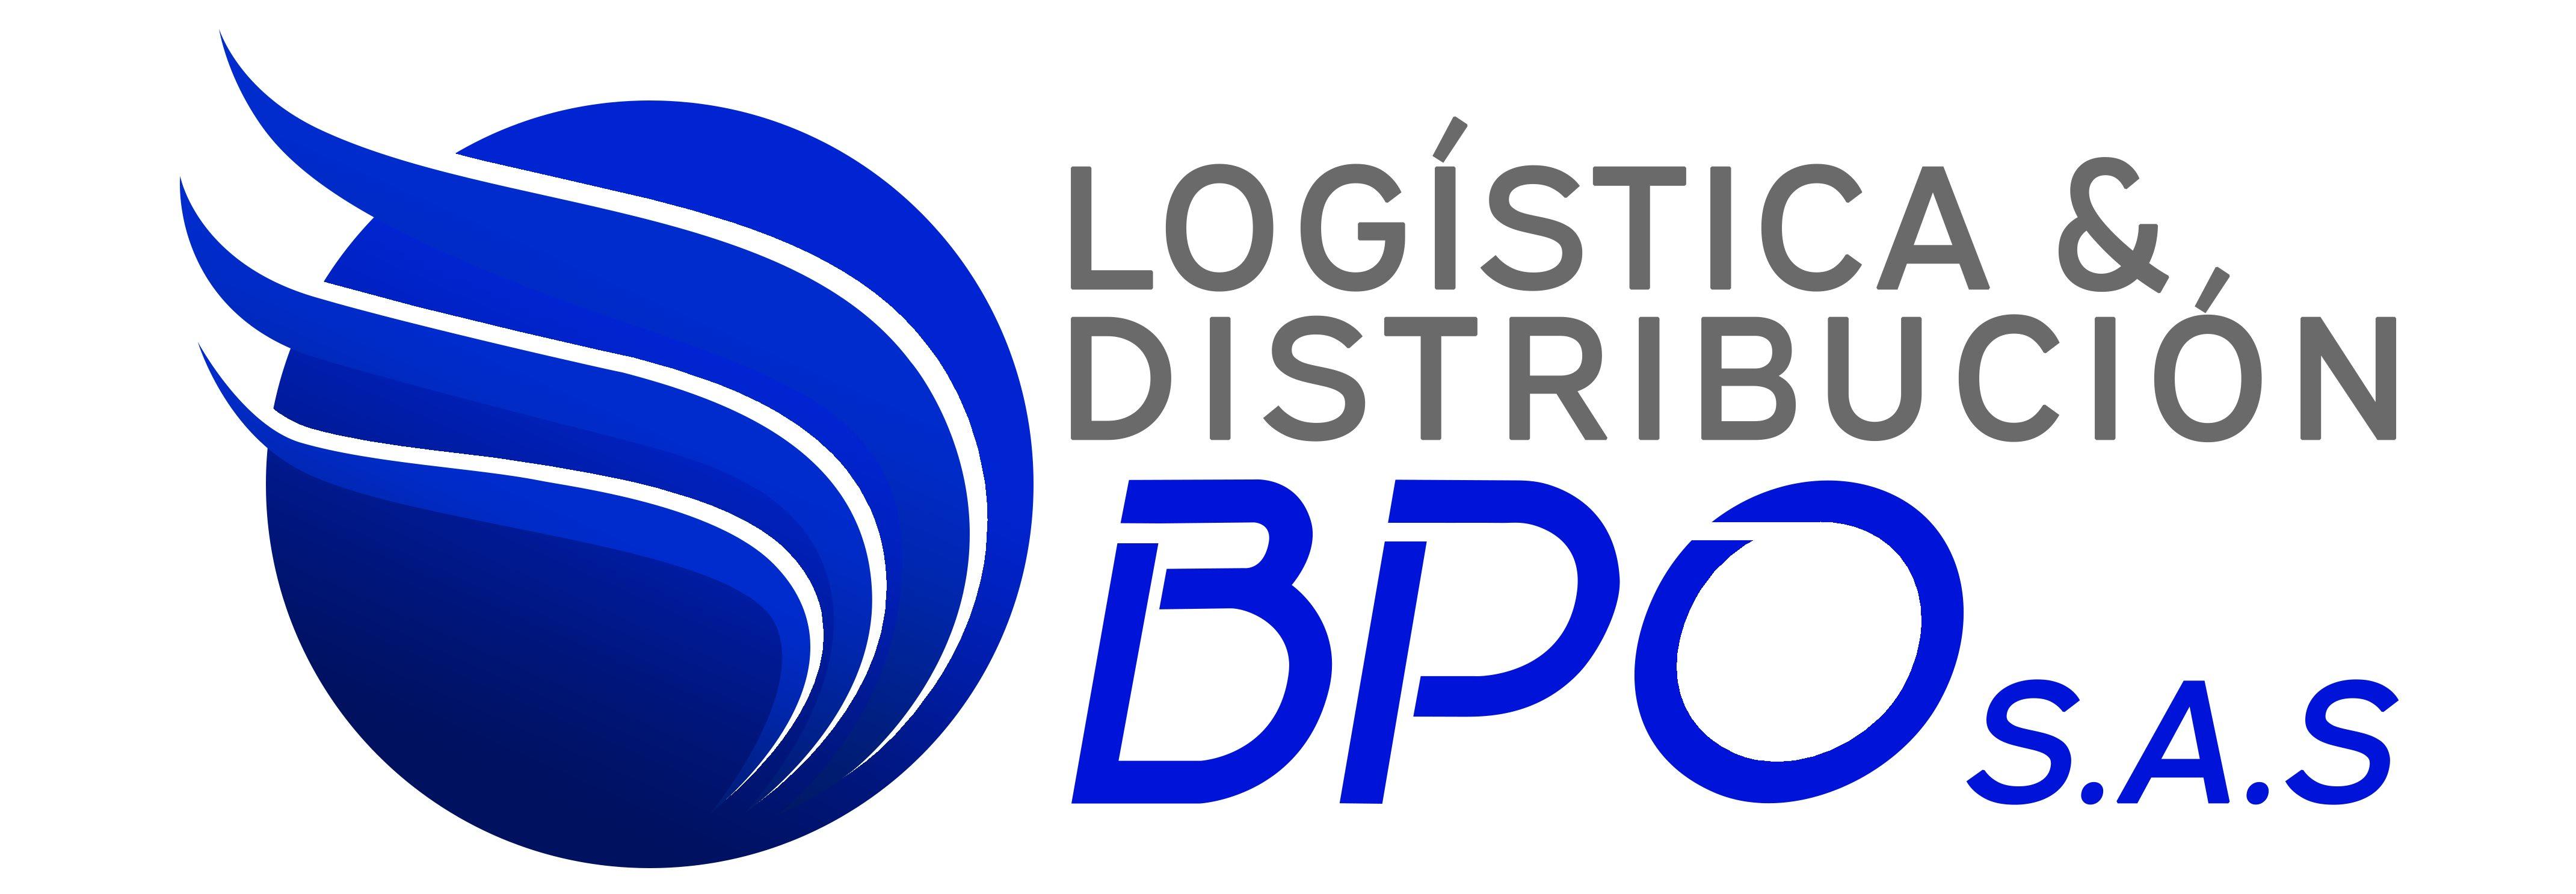 LOGISTICA & DISTRIBUCION L&D S.A.S.